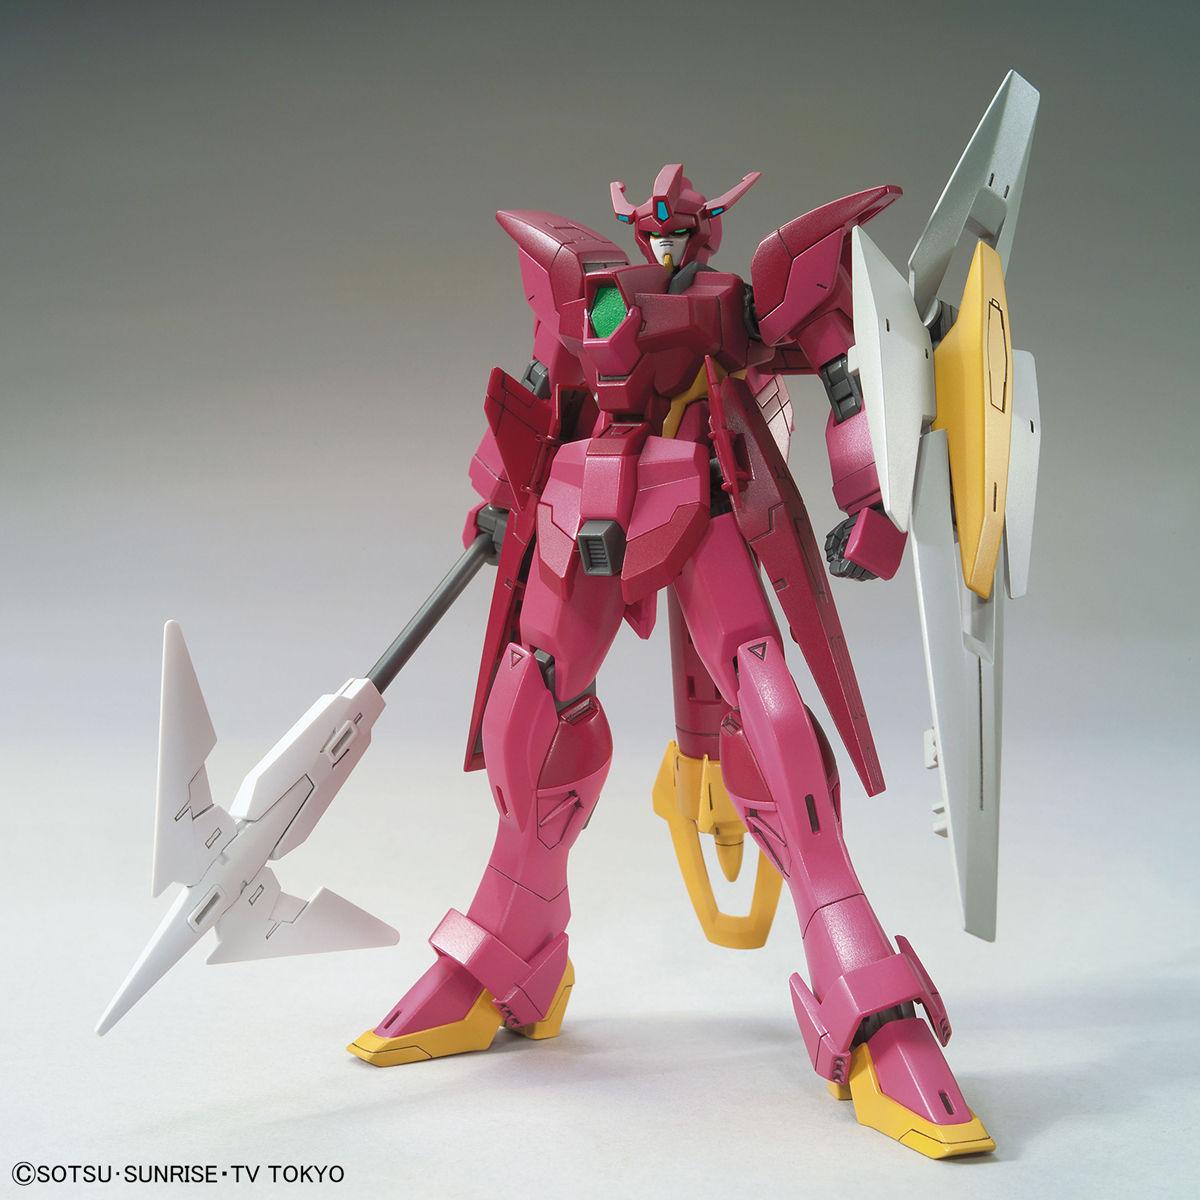 72995HGBD 1/144 インパルスガンダムランシエ [Impulse Gundam Lancier]